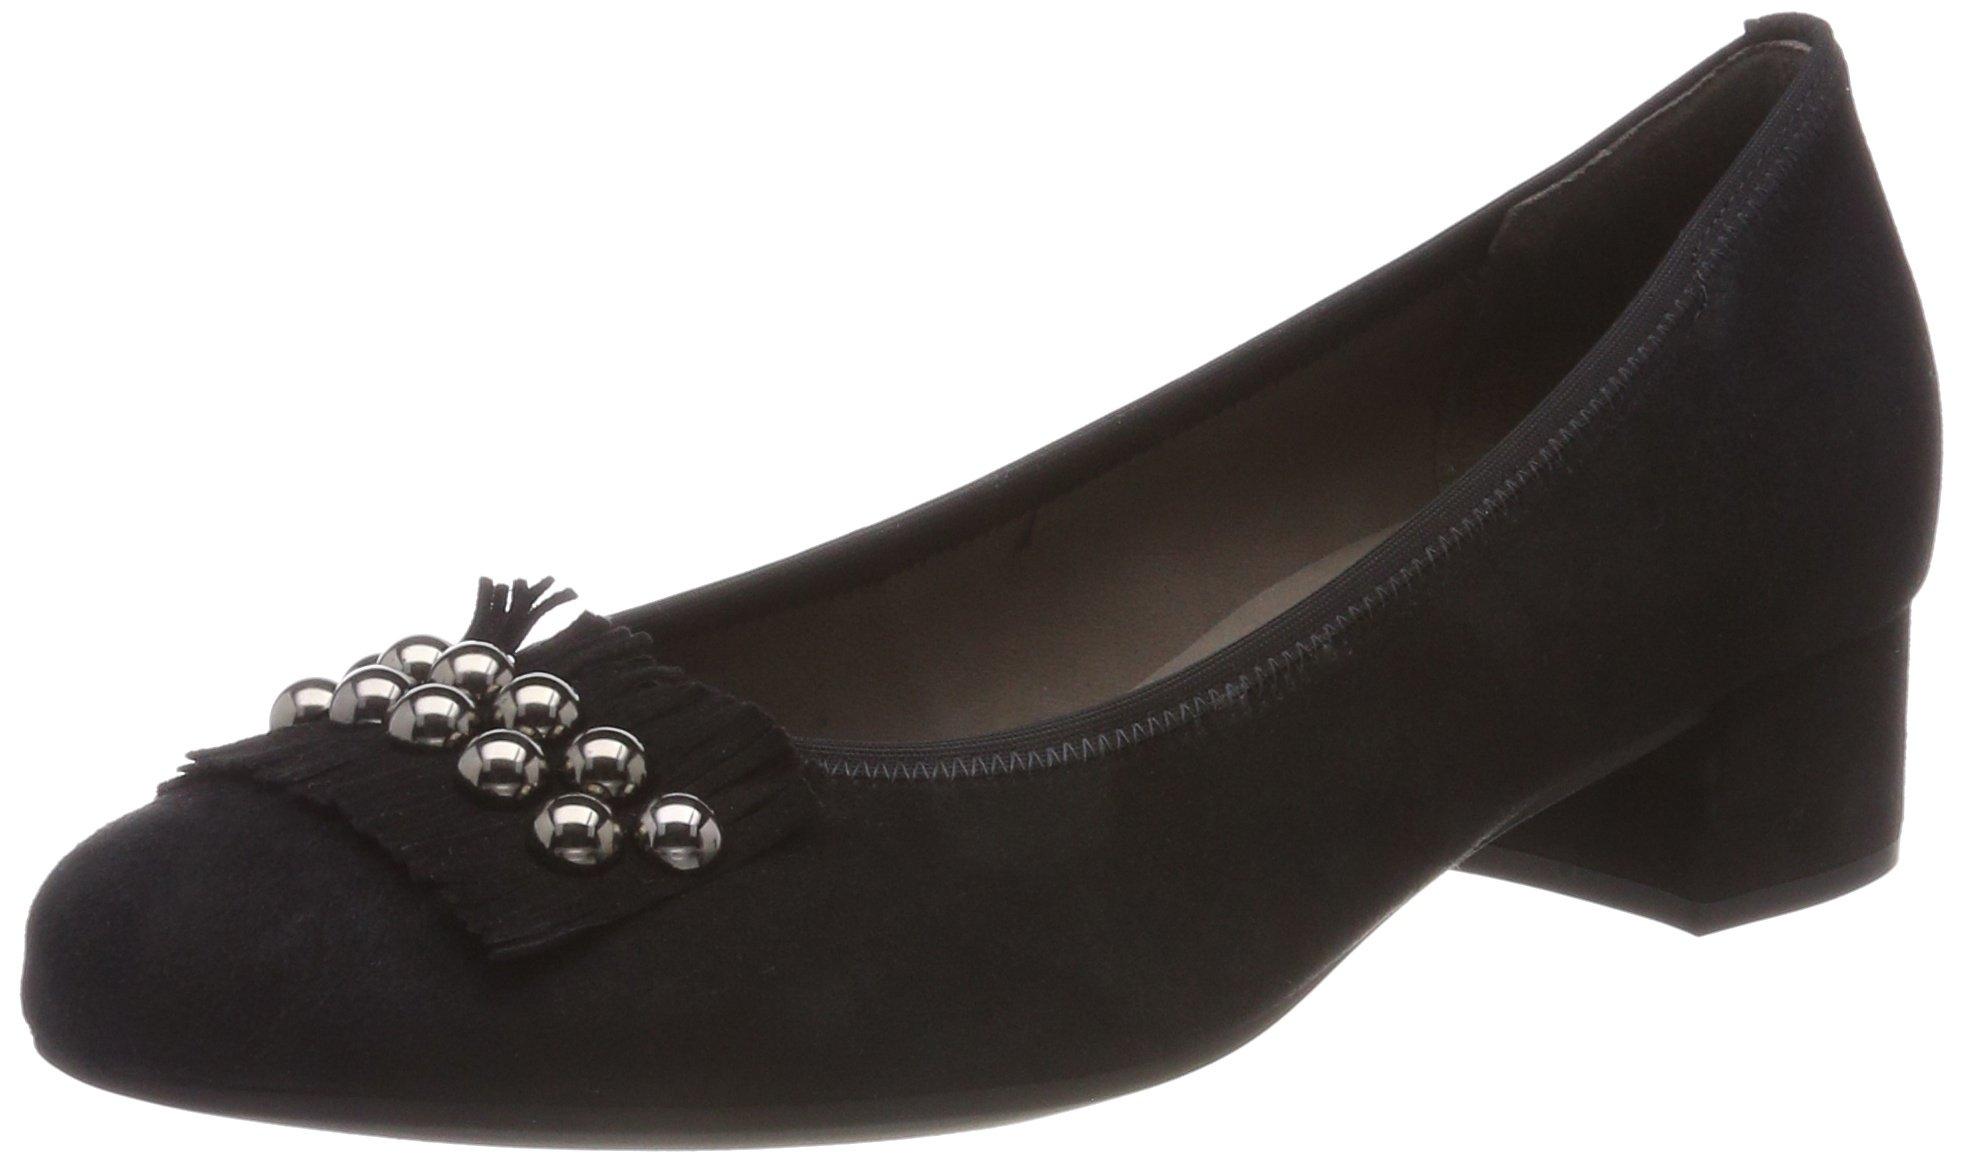 Gabor BasicEscarpins Shoes BasicEscarpins Gabor FemmeNoirschwarz38 Shoes FemmeNoirschwarz38 BasicEscarpins Eu Shoes Gabor FemmeNoirschwarz38 Eu lKT1FcJ